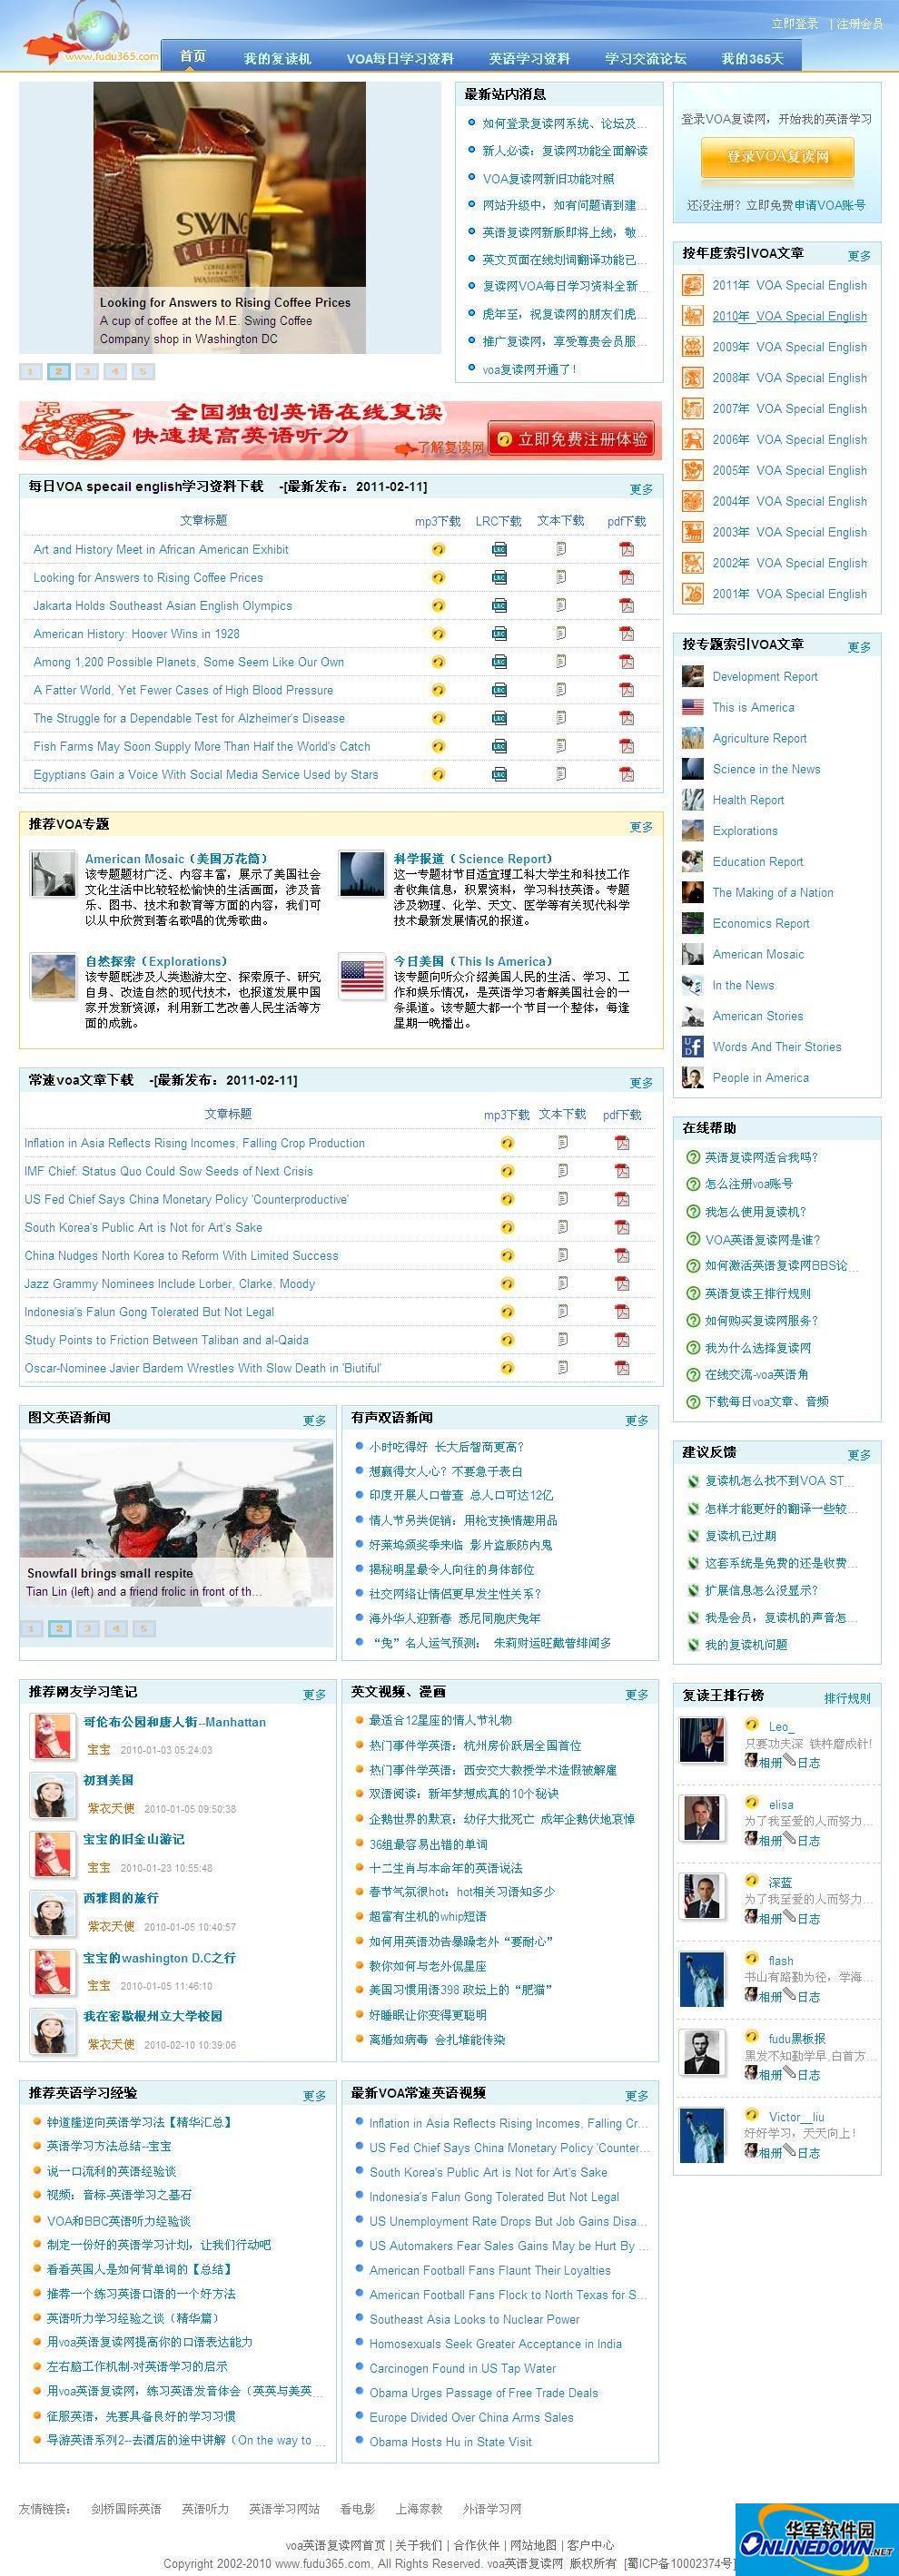 voa英语学习(英语听力)网站源码 1.1